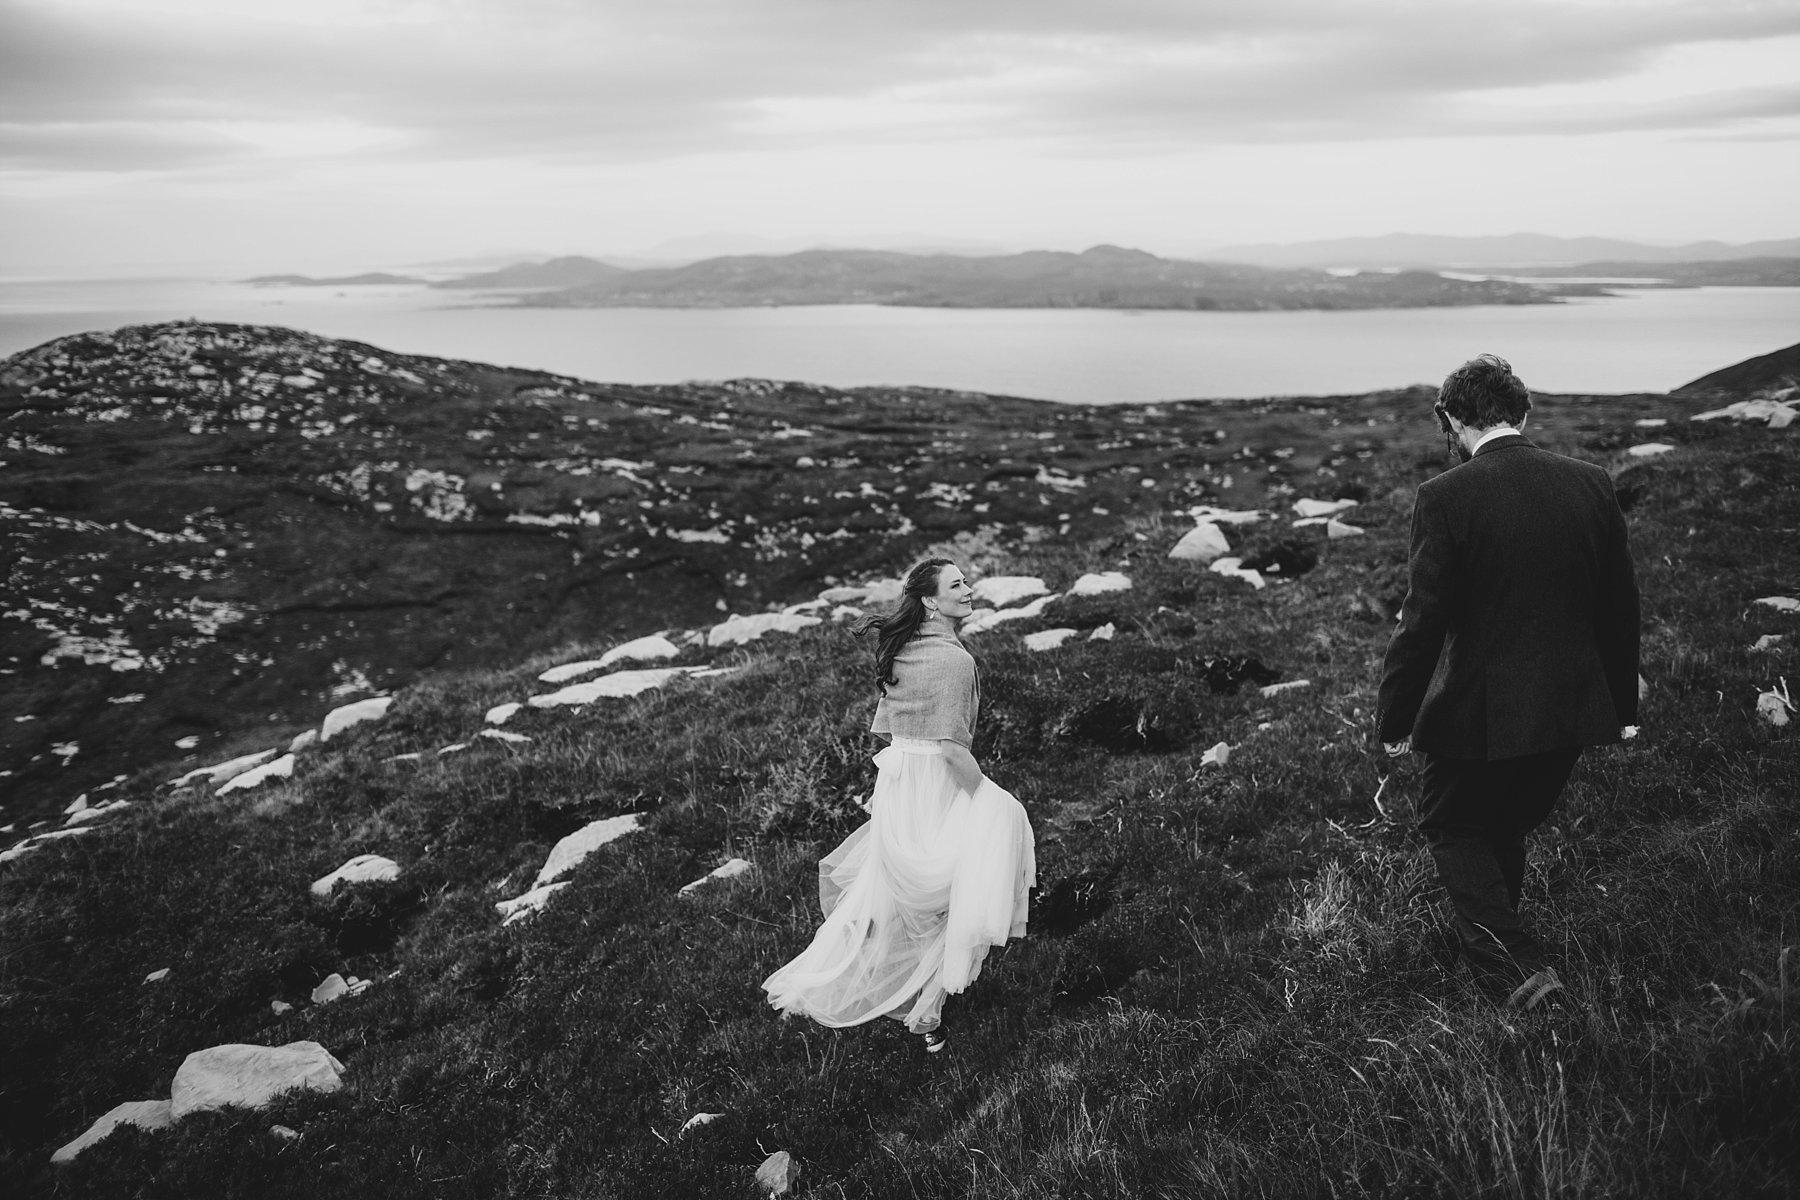 hornhead_donegak_elopement_weddings_0088